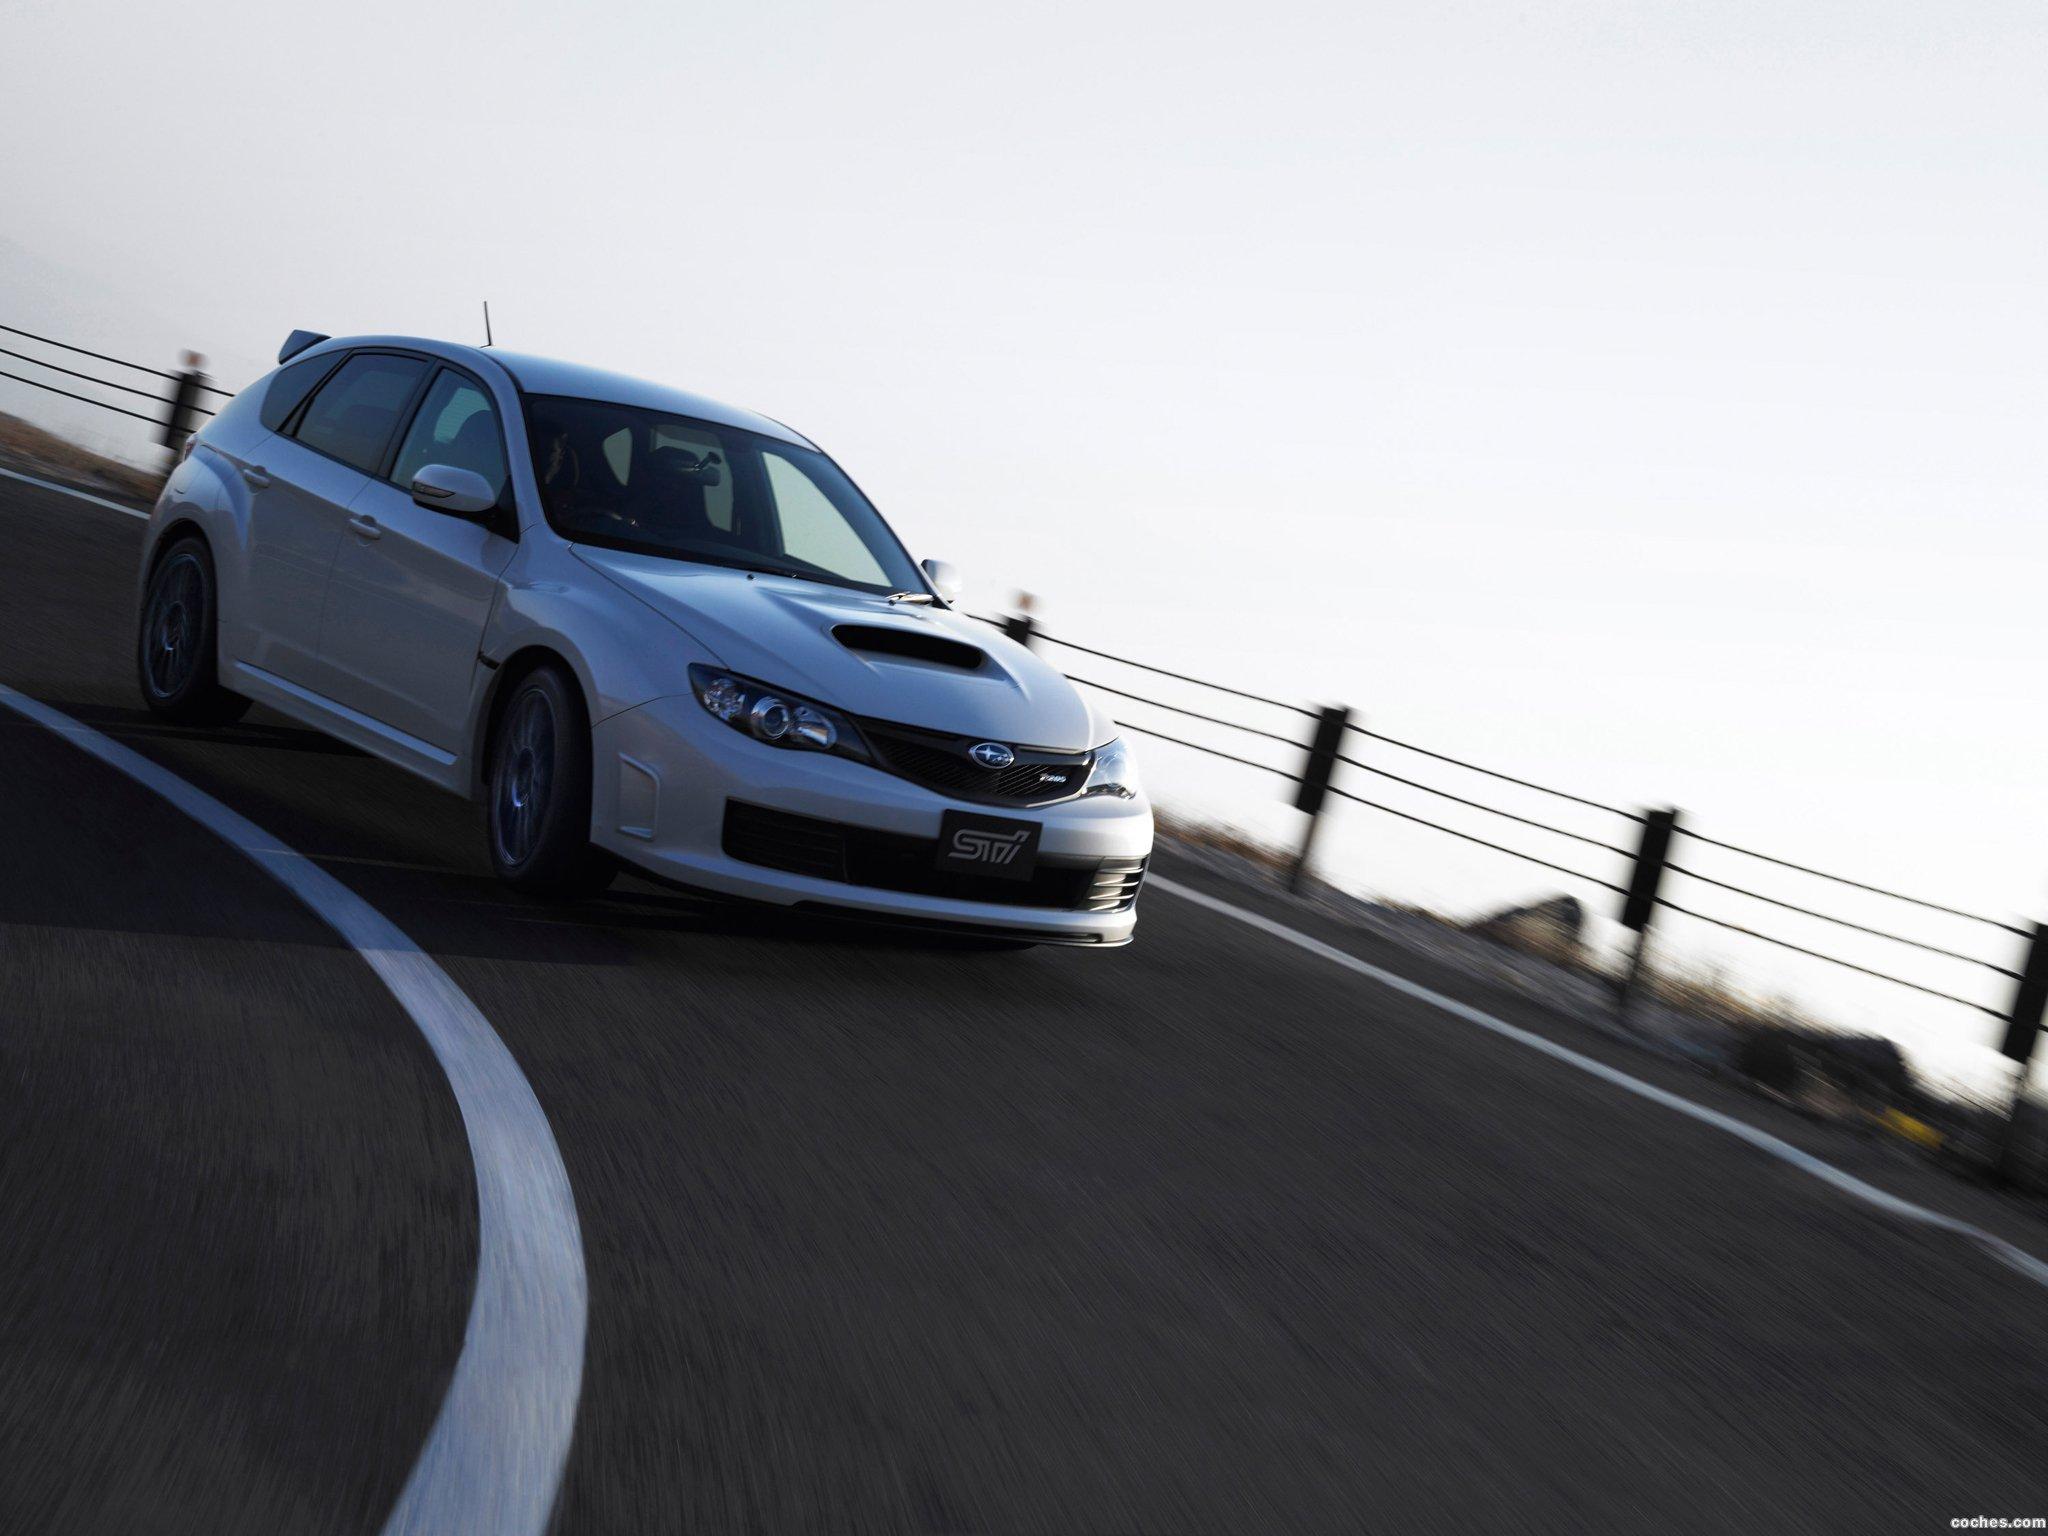 Foto 0 de Subaru Impreza R205 2010